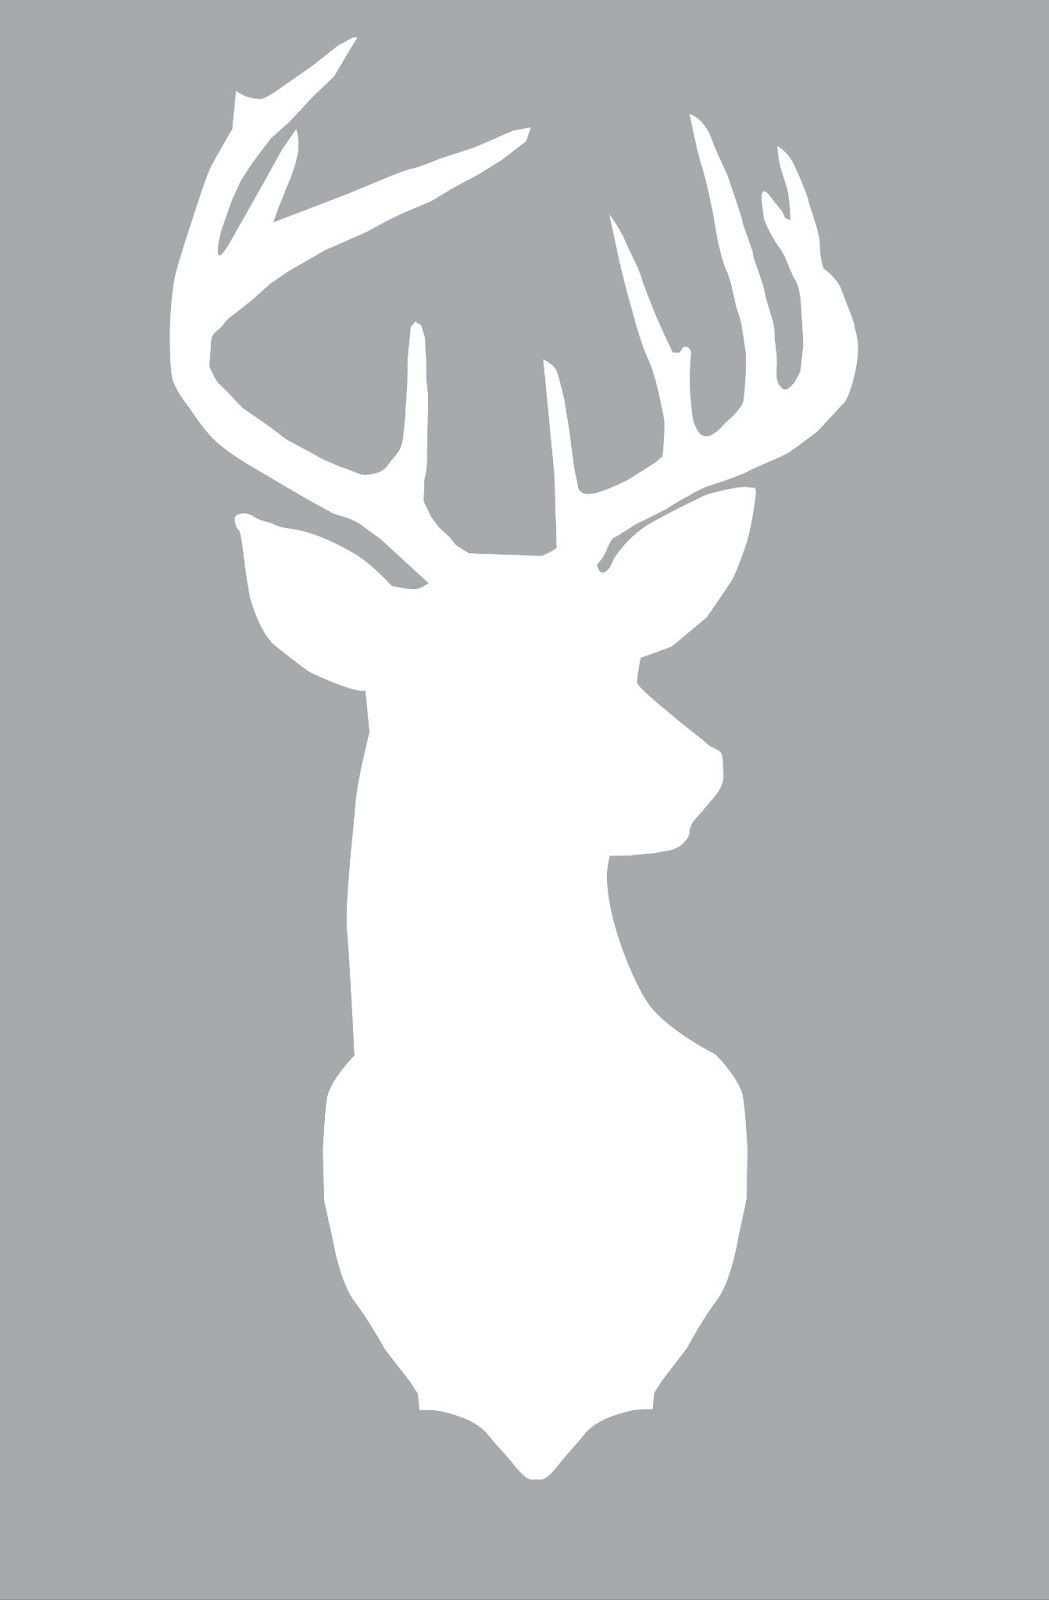 Freebie Deer Silhouette Ideias De Pinturas Silhueta Colcha De